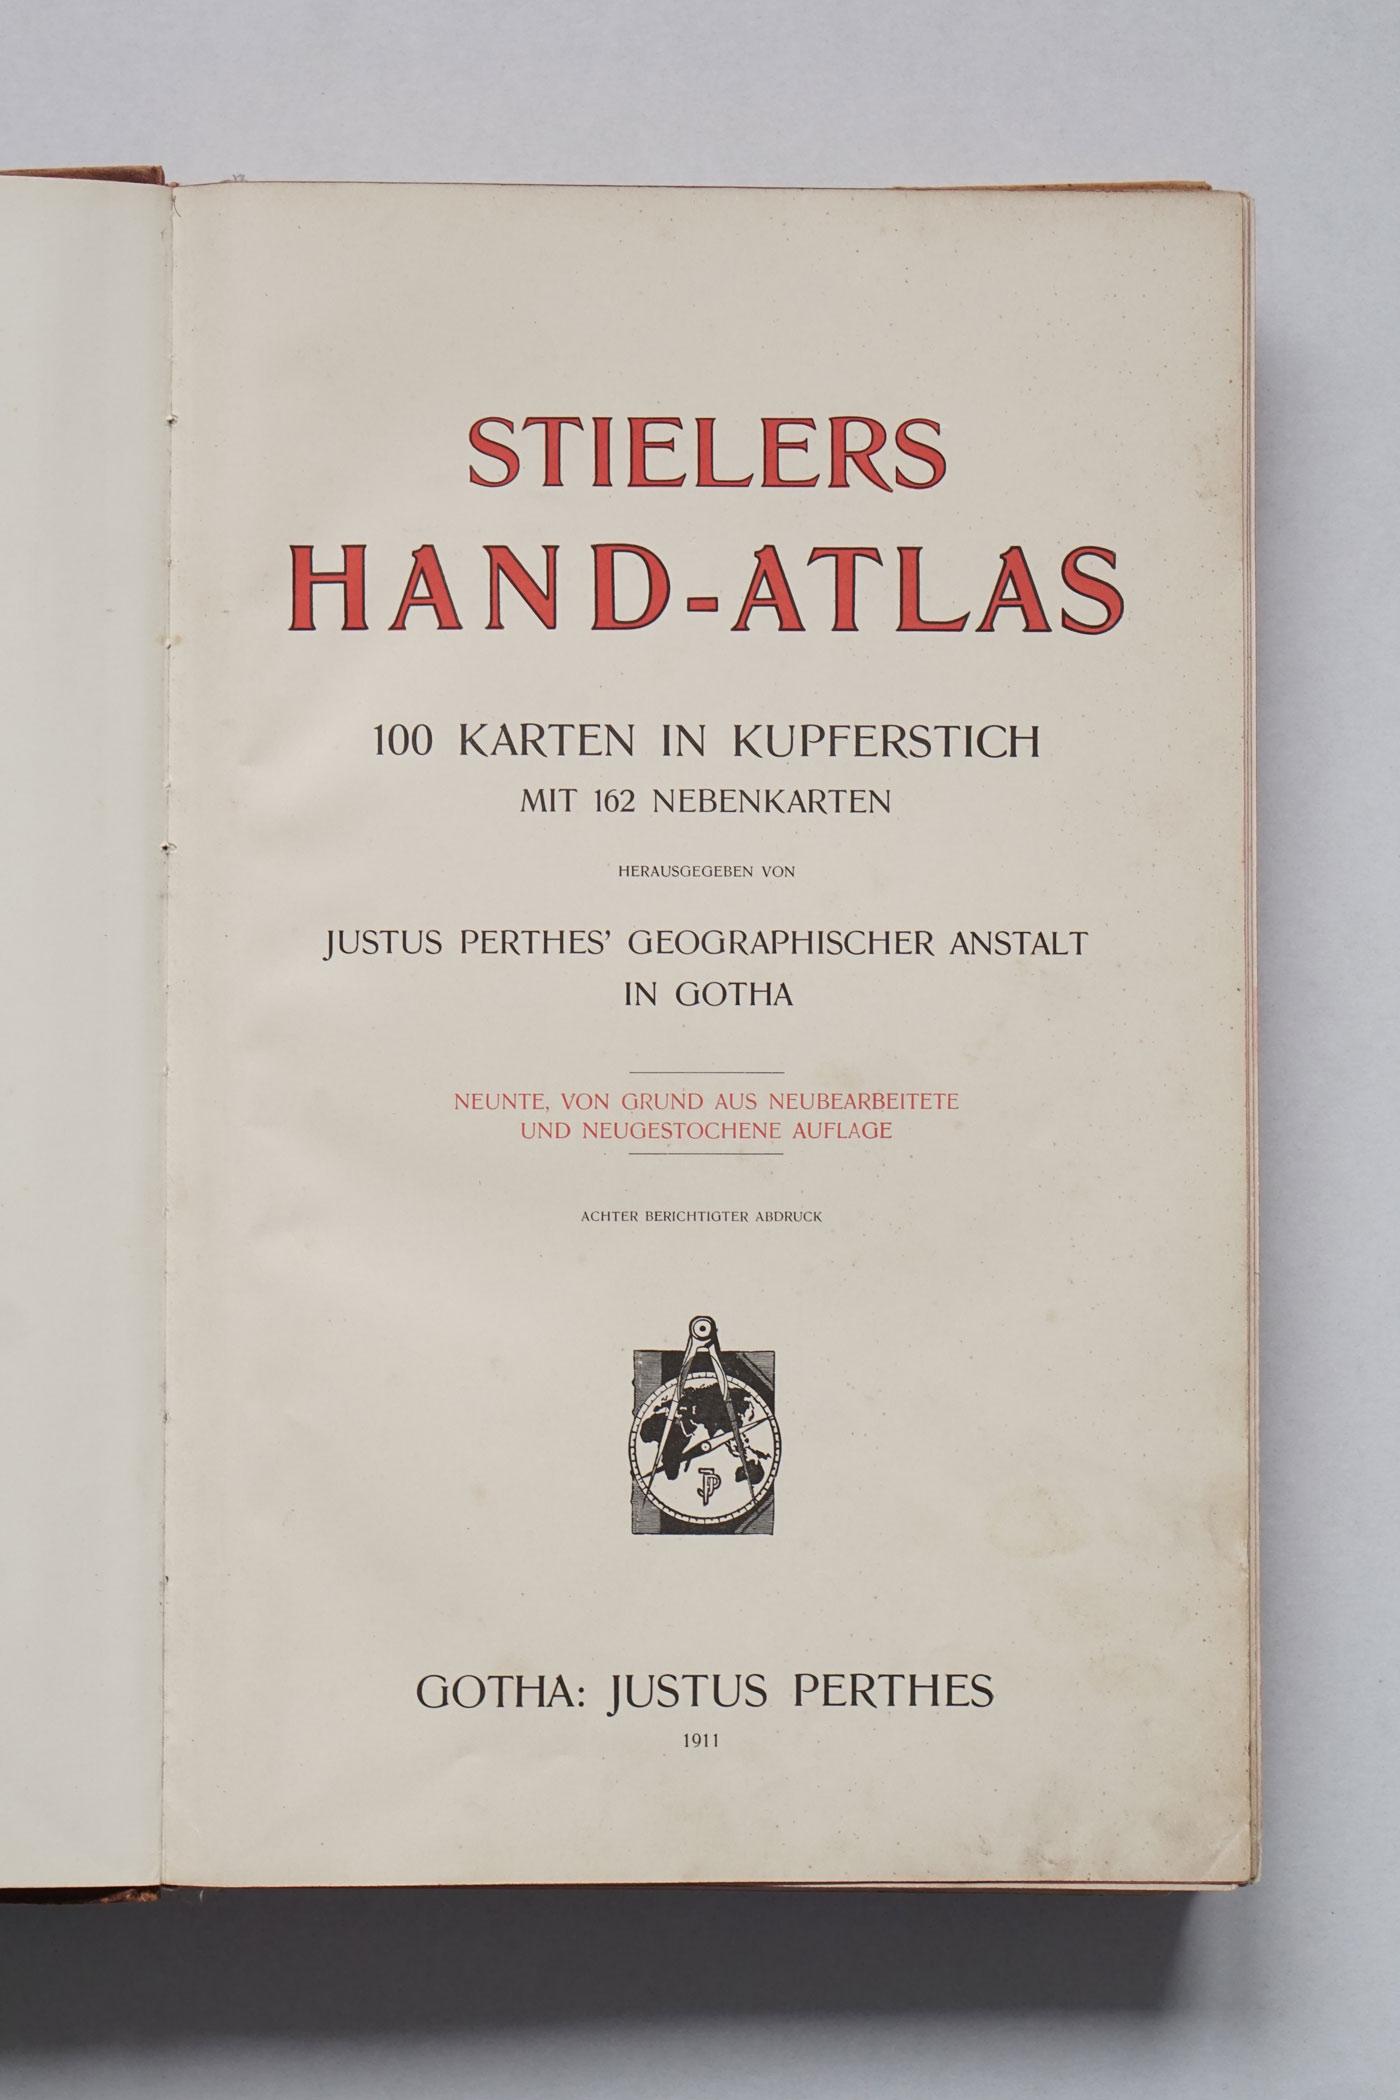 Stielers Handatlas